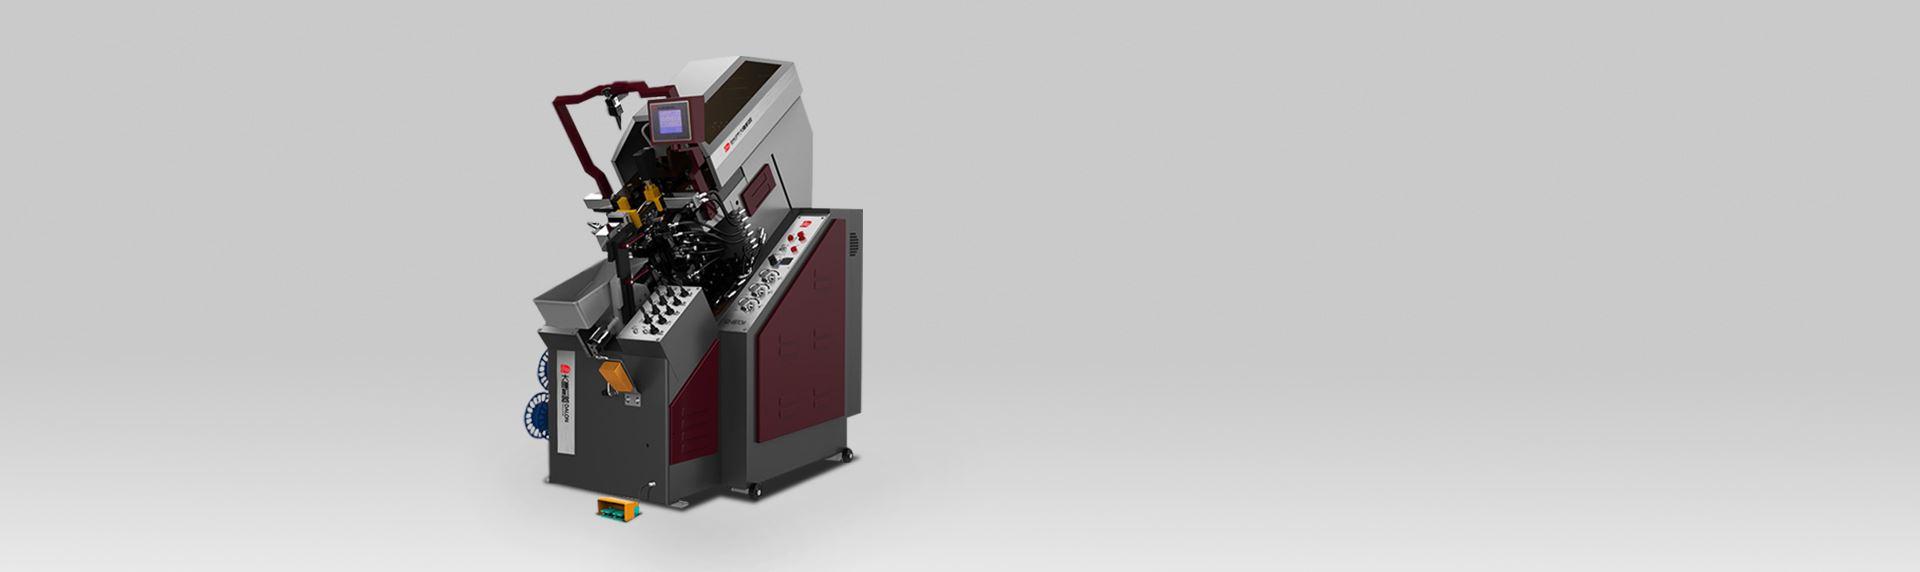 TMT娱乐-电脑控制自动上胶前帮机